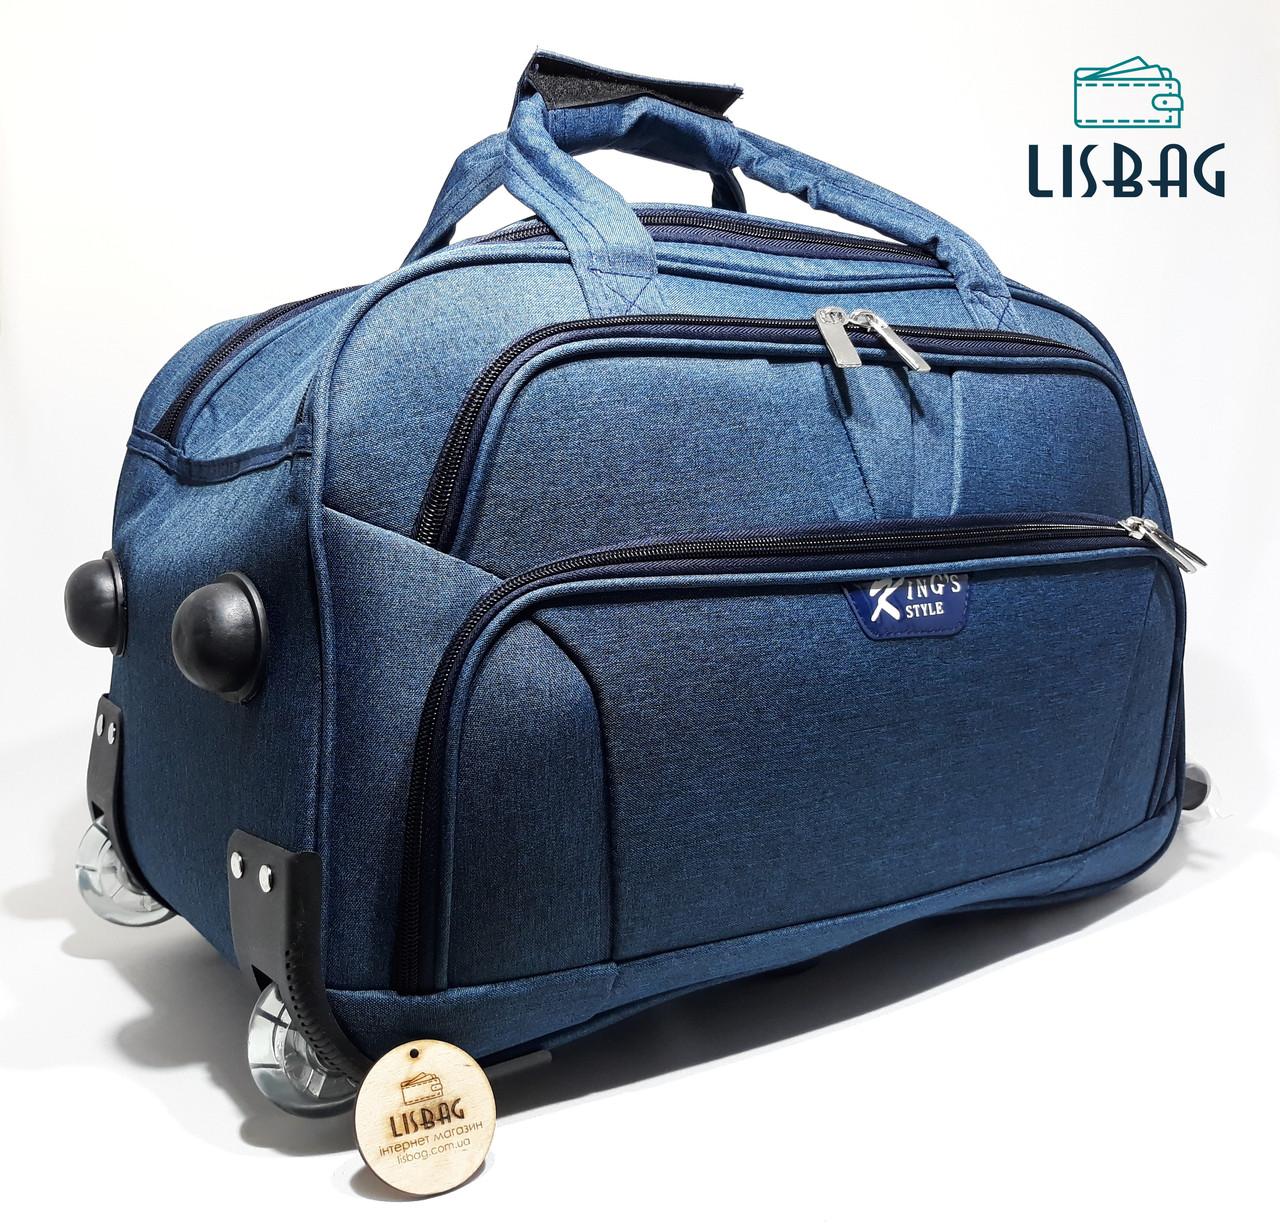 efc145026917 Маленькая сумка на колесах L (46 л) Синяя (52*26*33) Чемодан ...